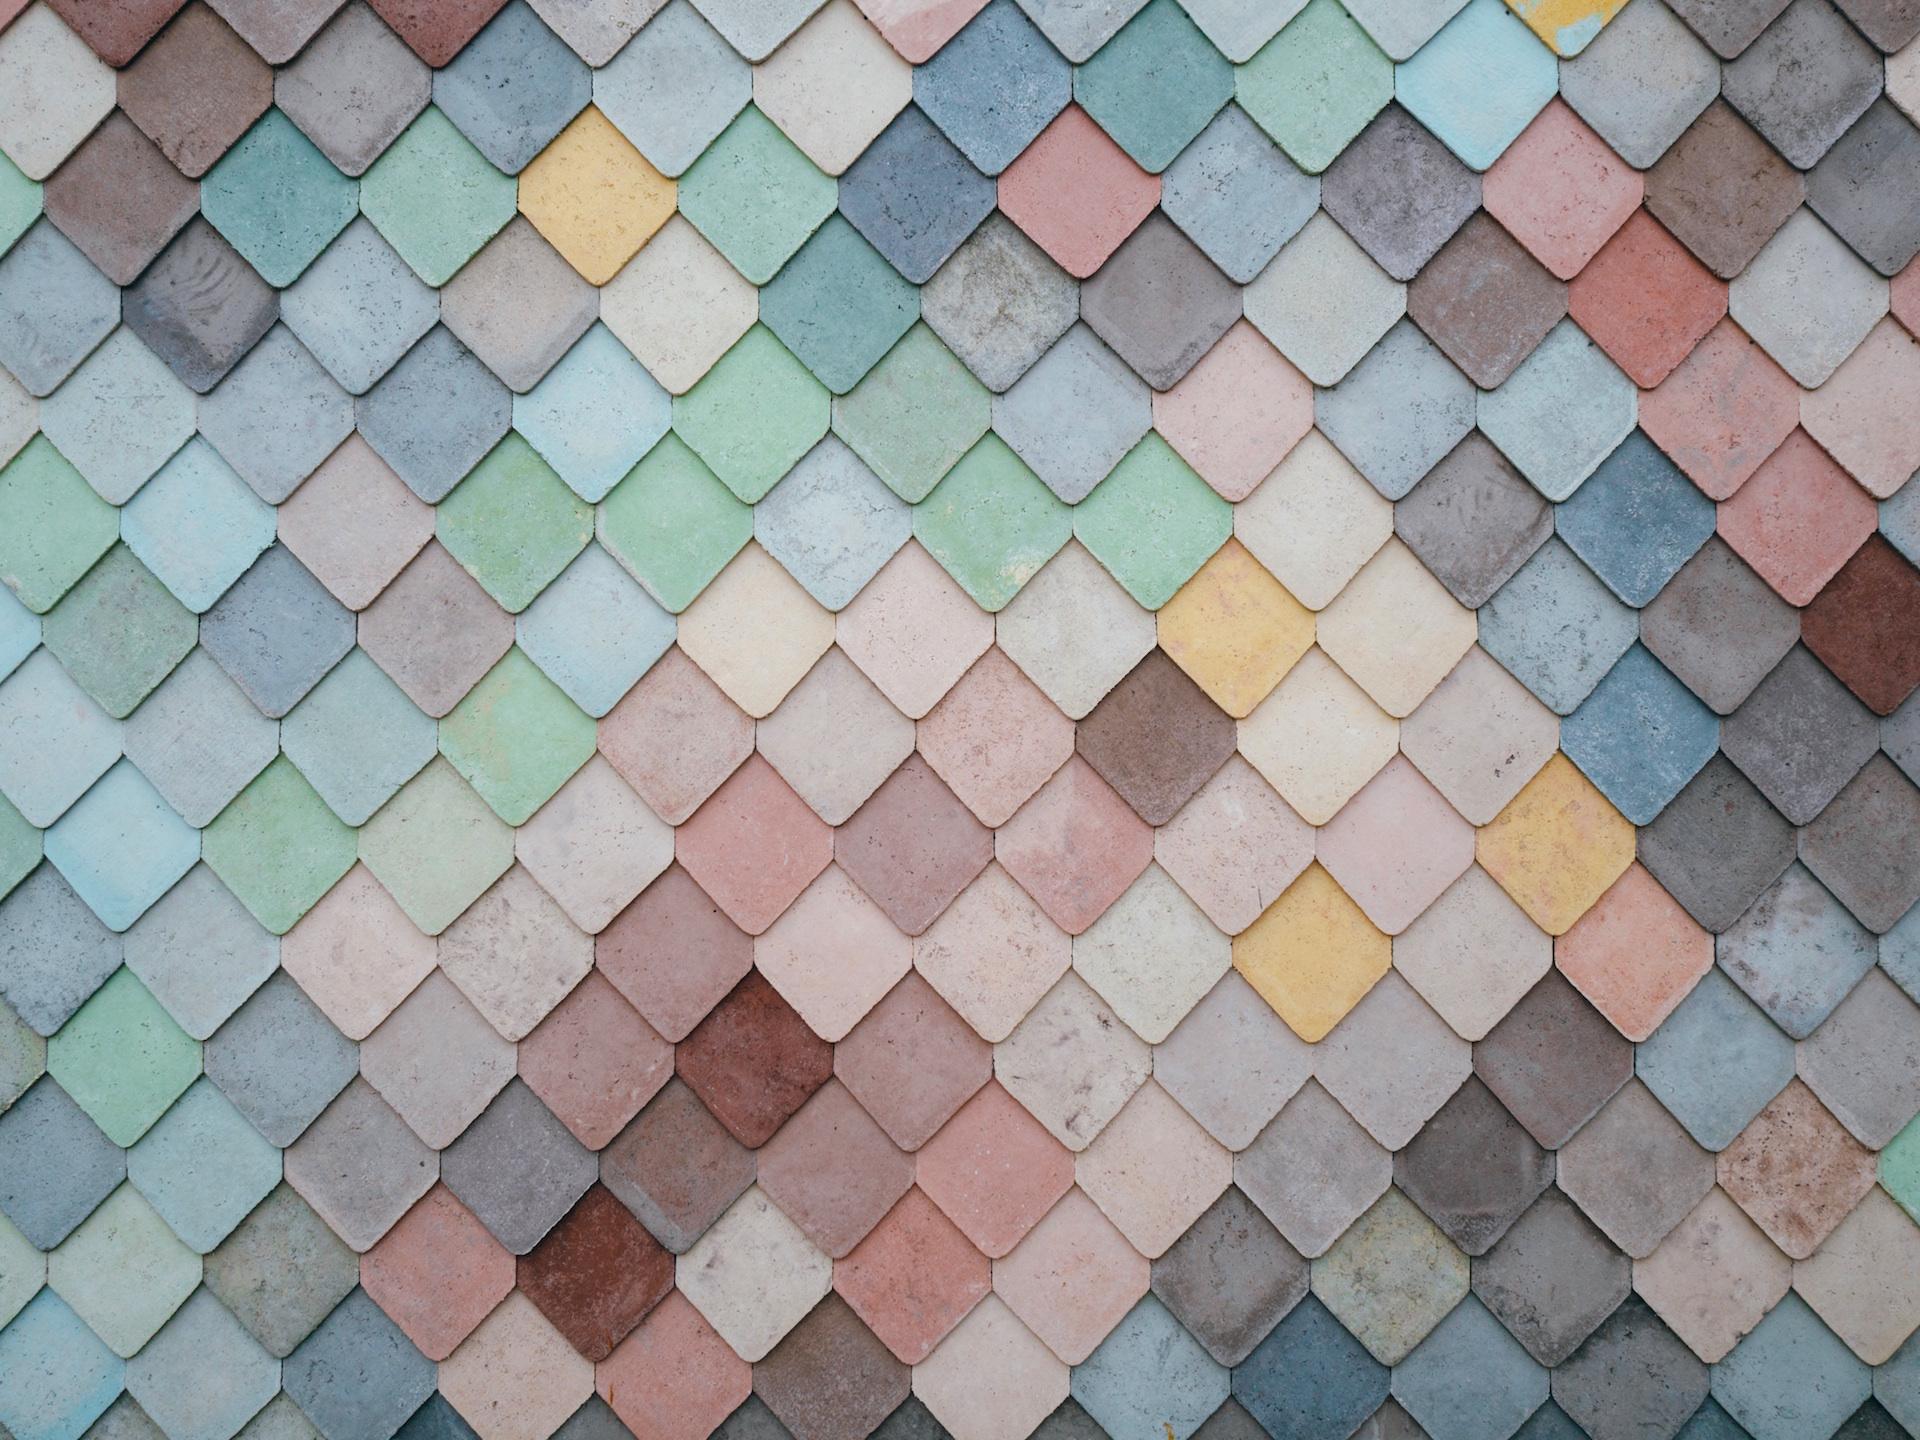 Wand, Dach, Texas, Fliese, Platten, Farben - Wallpaper HD - Prof.-falken.com